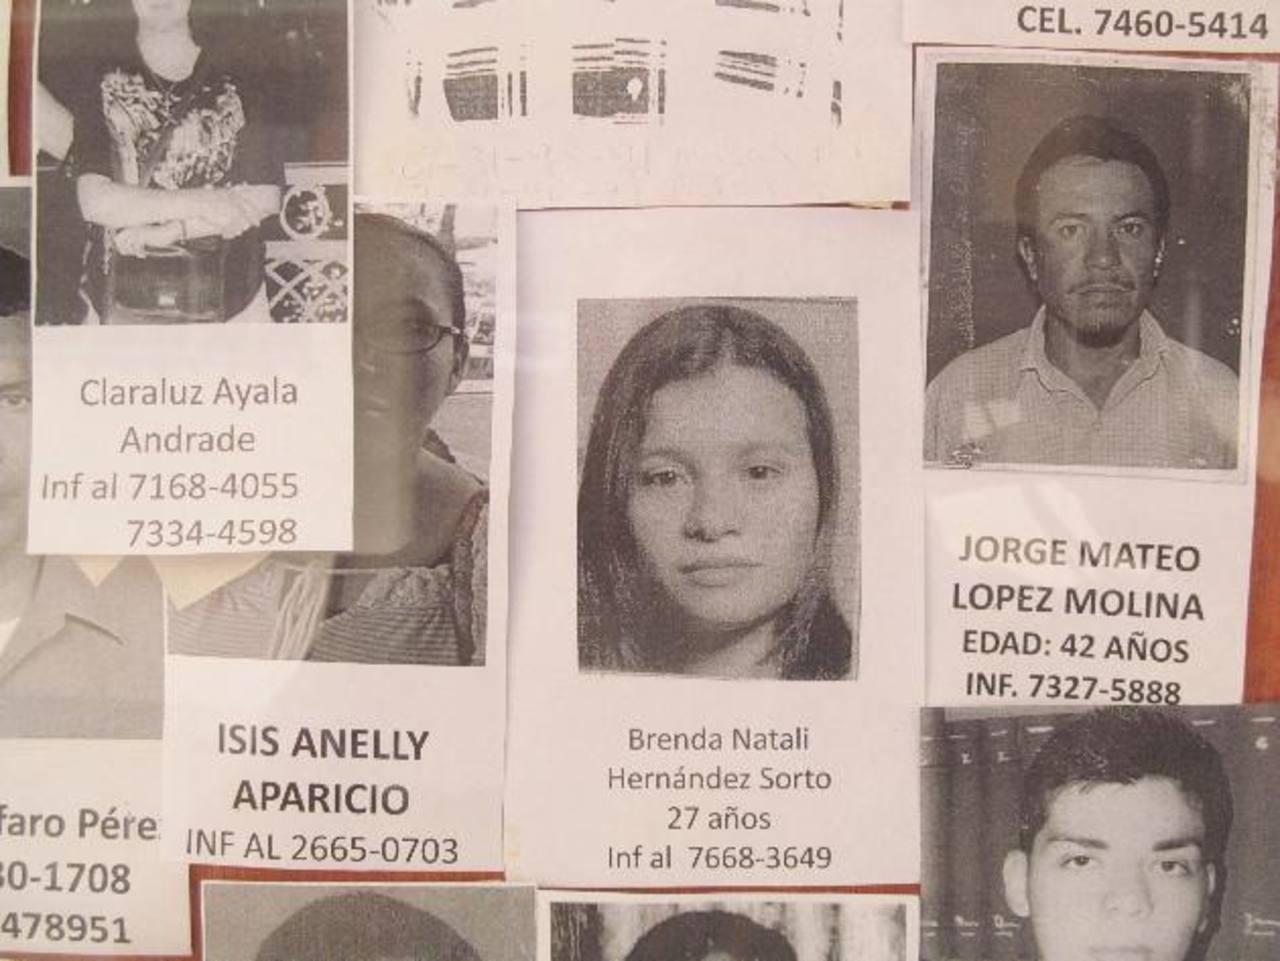 Las fotografías de mujeres son pocas en comparación con la cantidad de hombres desaparecidos.